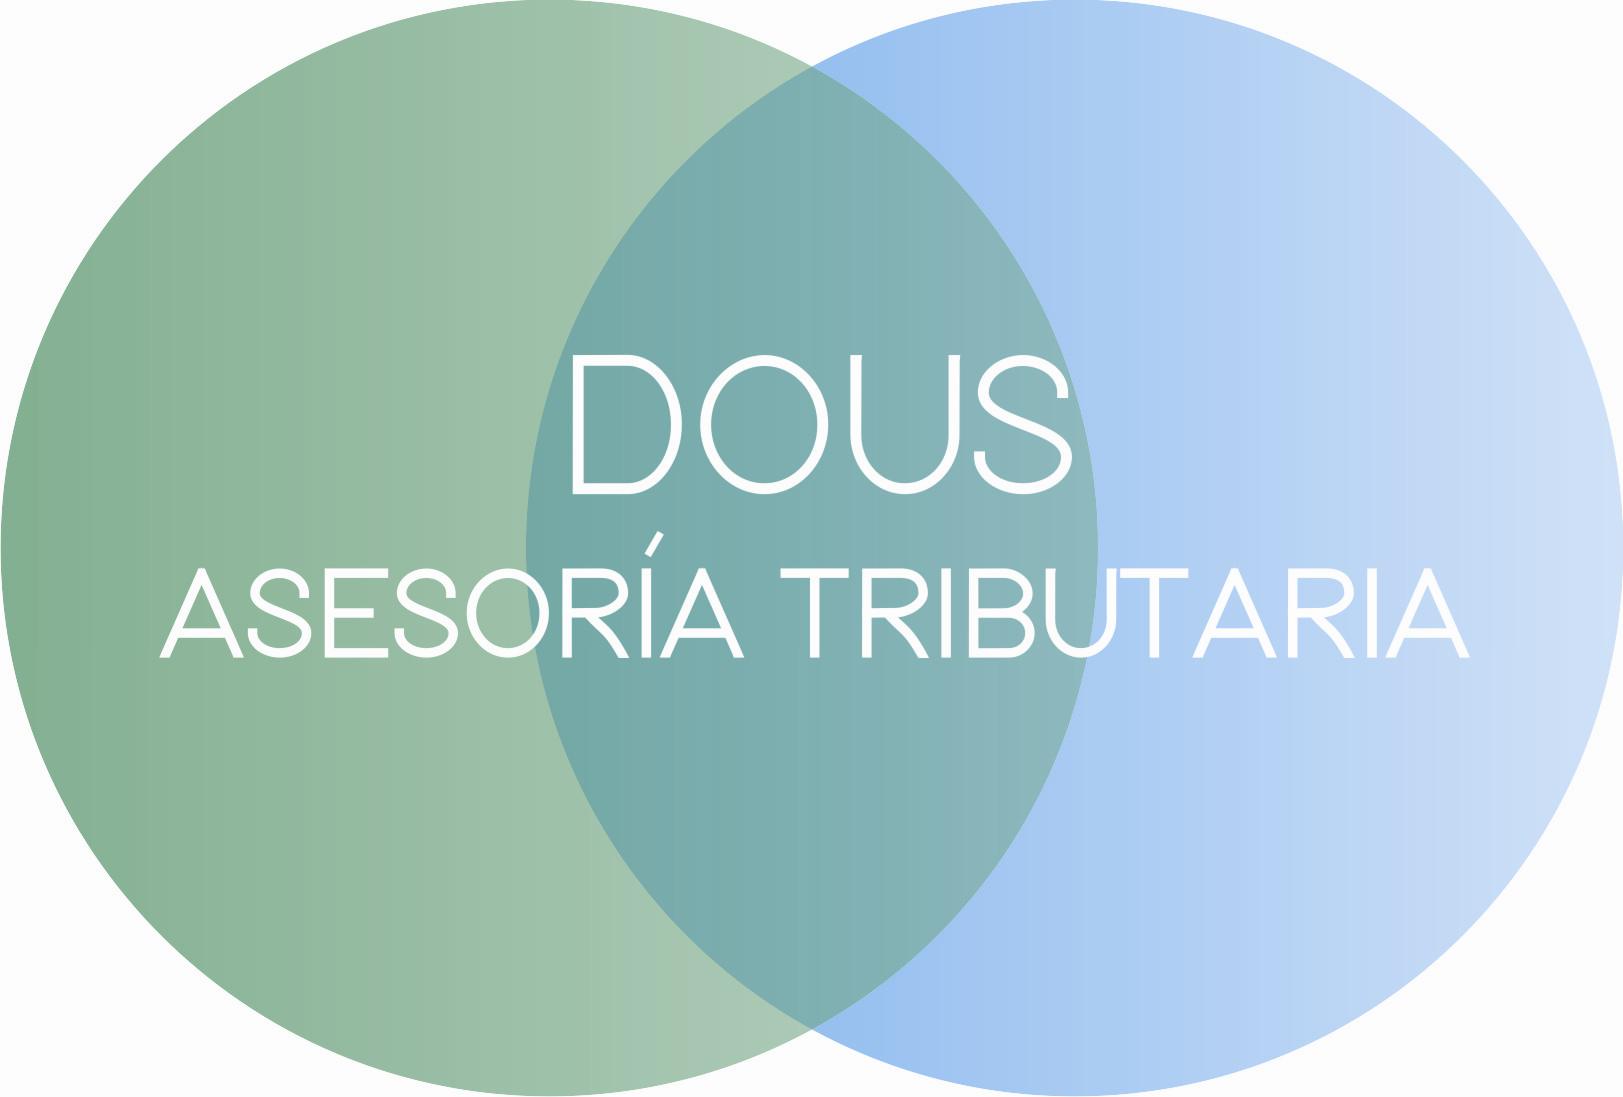 Dous, Asesoría Tributaria